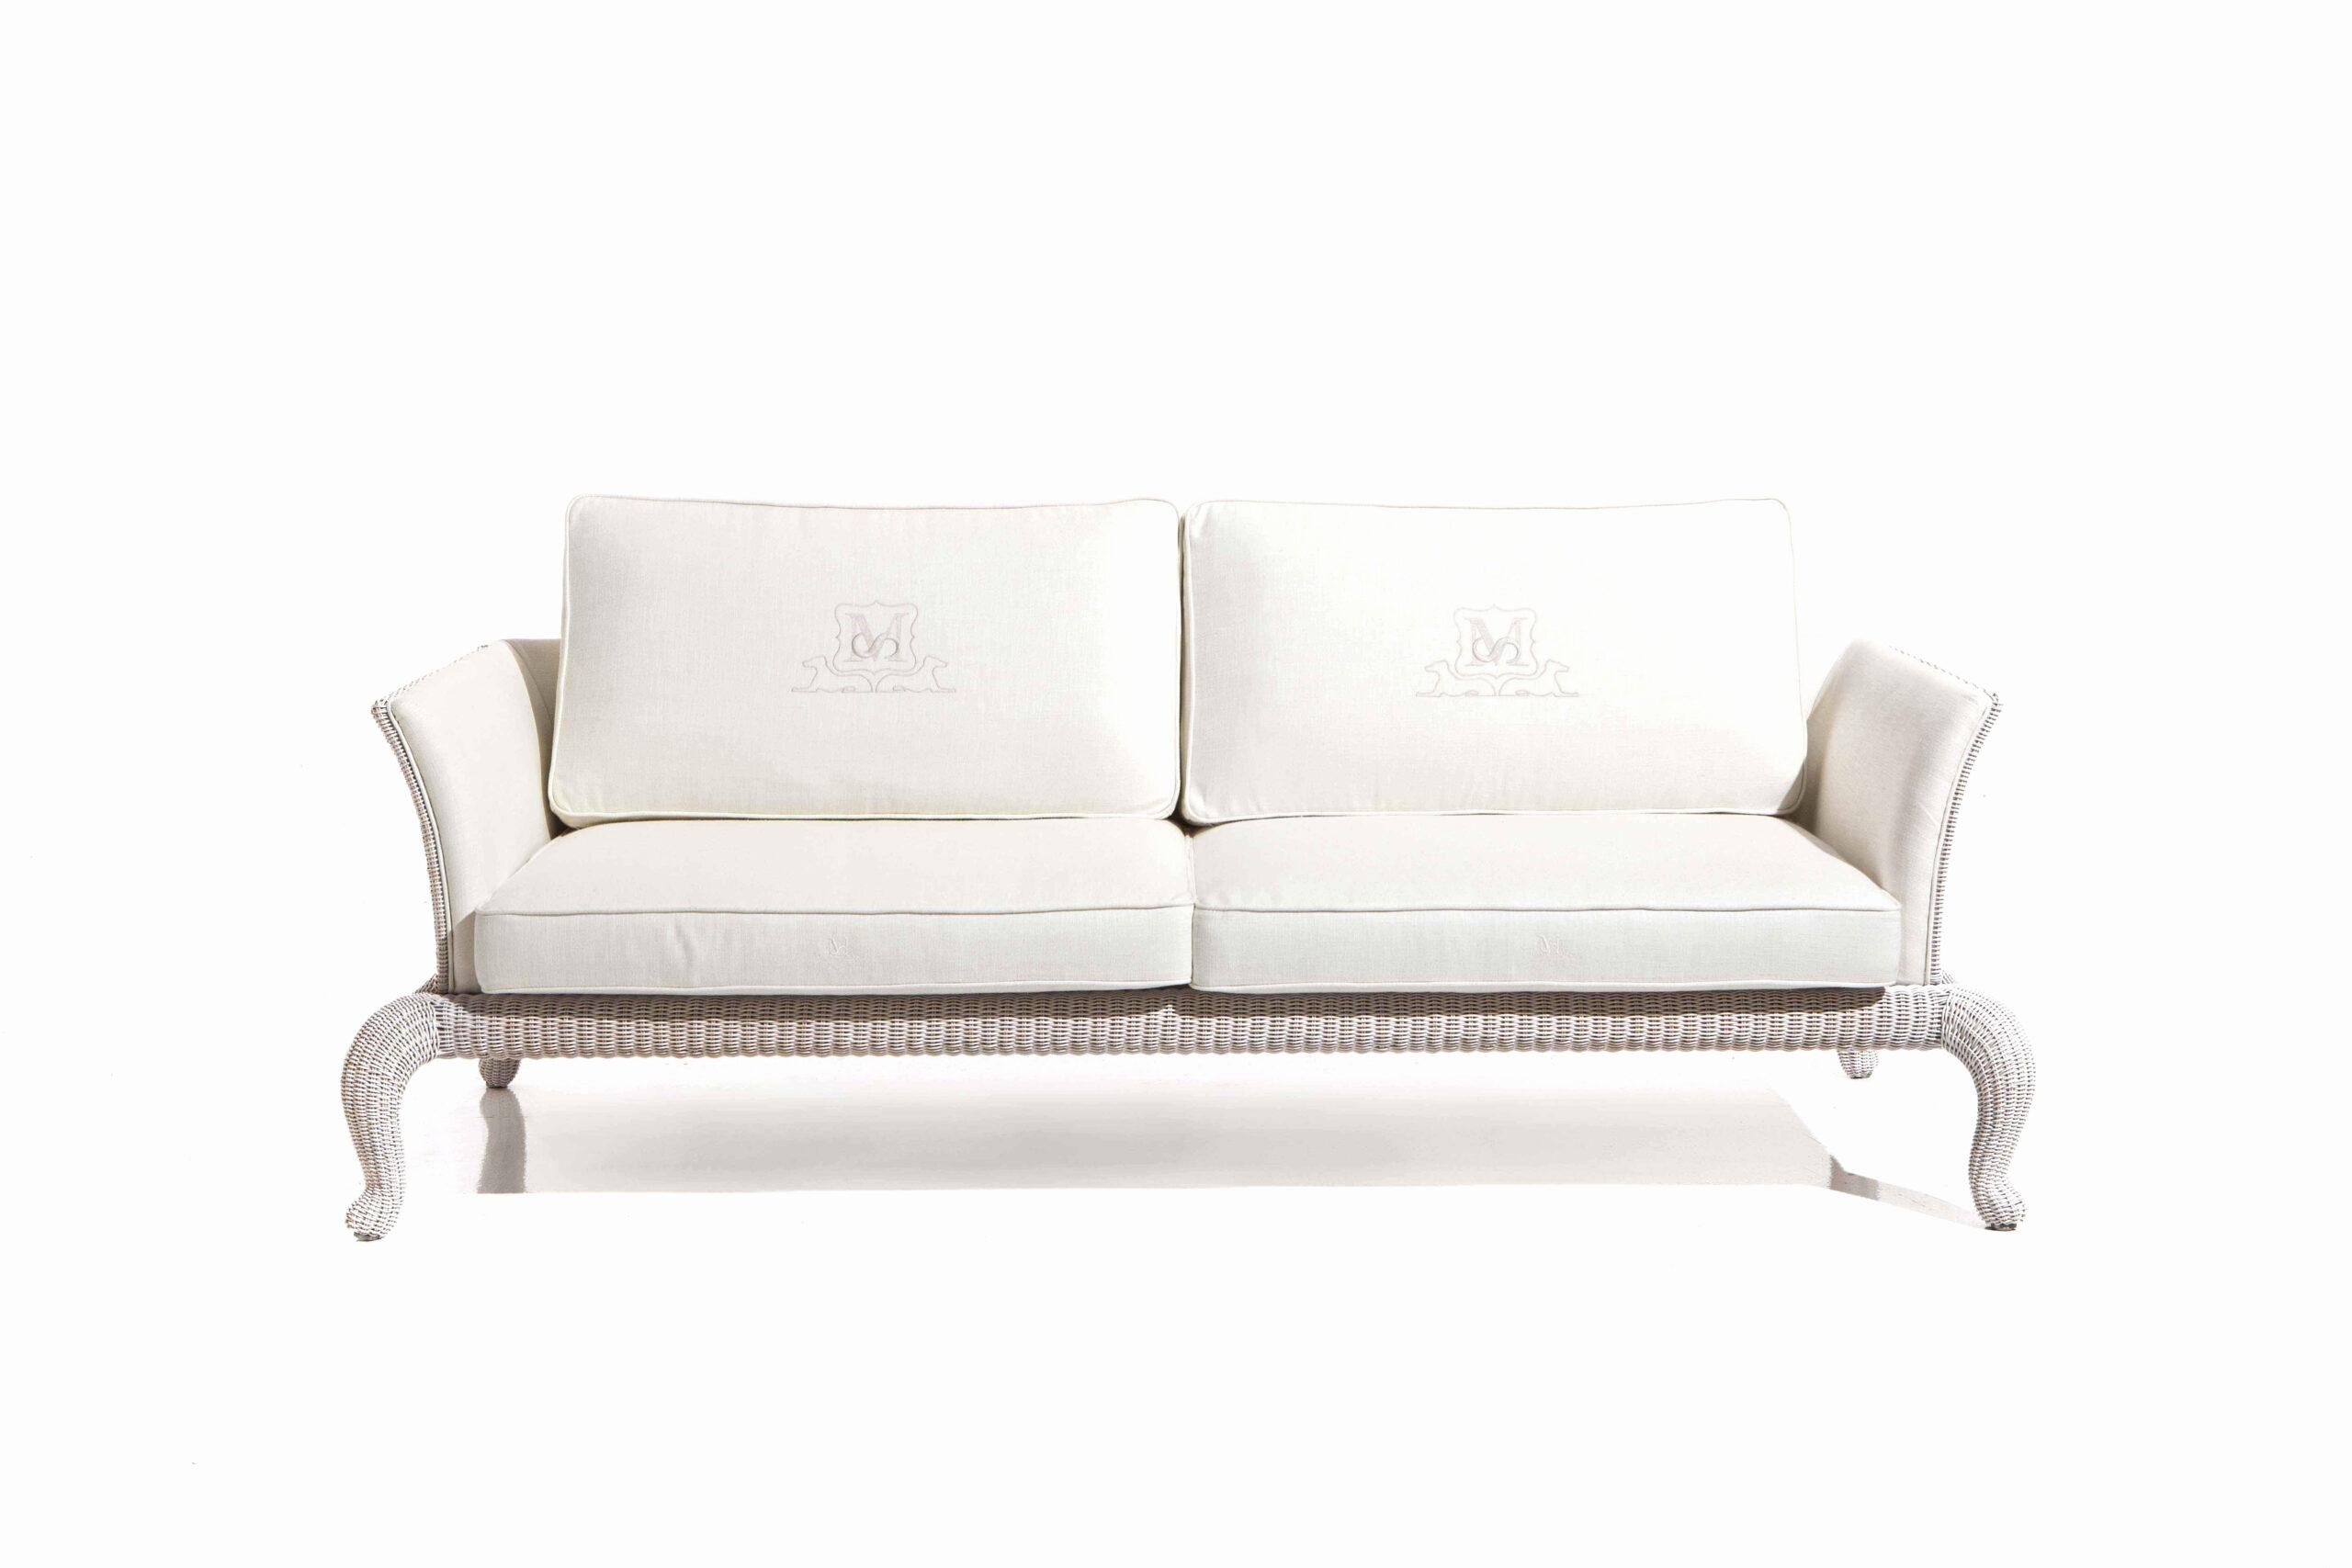 Full Size of Sofa Aus Matratzen Matratzenbezug Zwei Bauen Couch Selber Bunt Englisch Günstig Betten Landhausstil Big L Form Mit Schlaffunktion Federkern Sofort Lieferbar Sofa Sofa Aus Matratzen